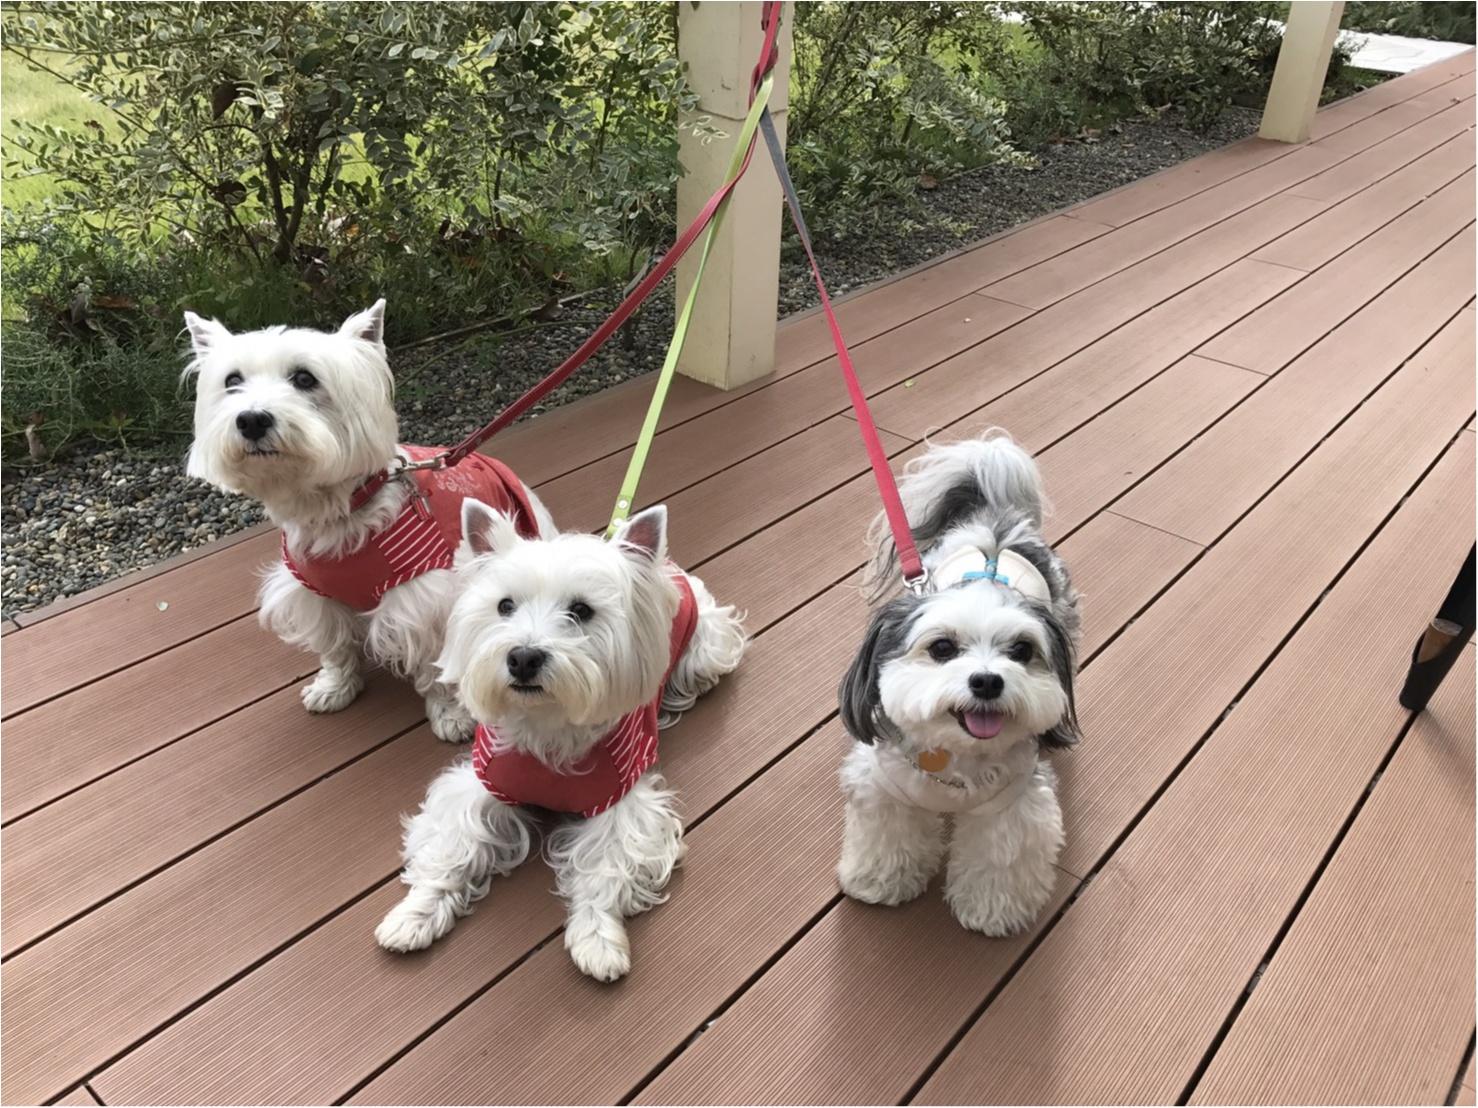 【今日のわんこ】友達といっしょなら♪ お散歩途中の太郎くん_1